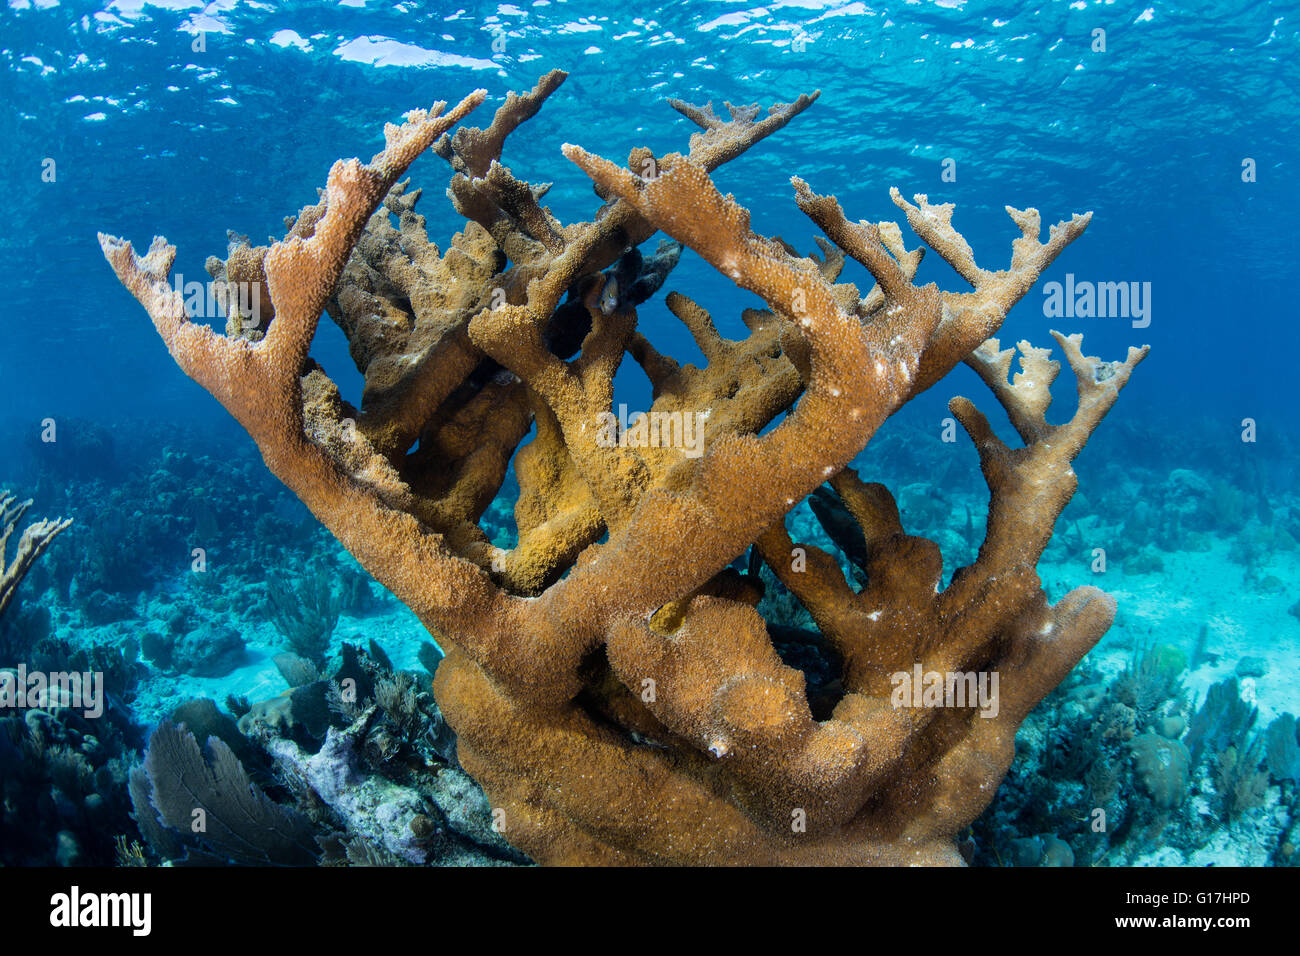 Une belle colonie de corail Elkhorn pousse dans les Caraïbes près de Belize. Cette région est connue pour sa biodiversité marine. Banque D'Images